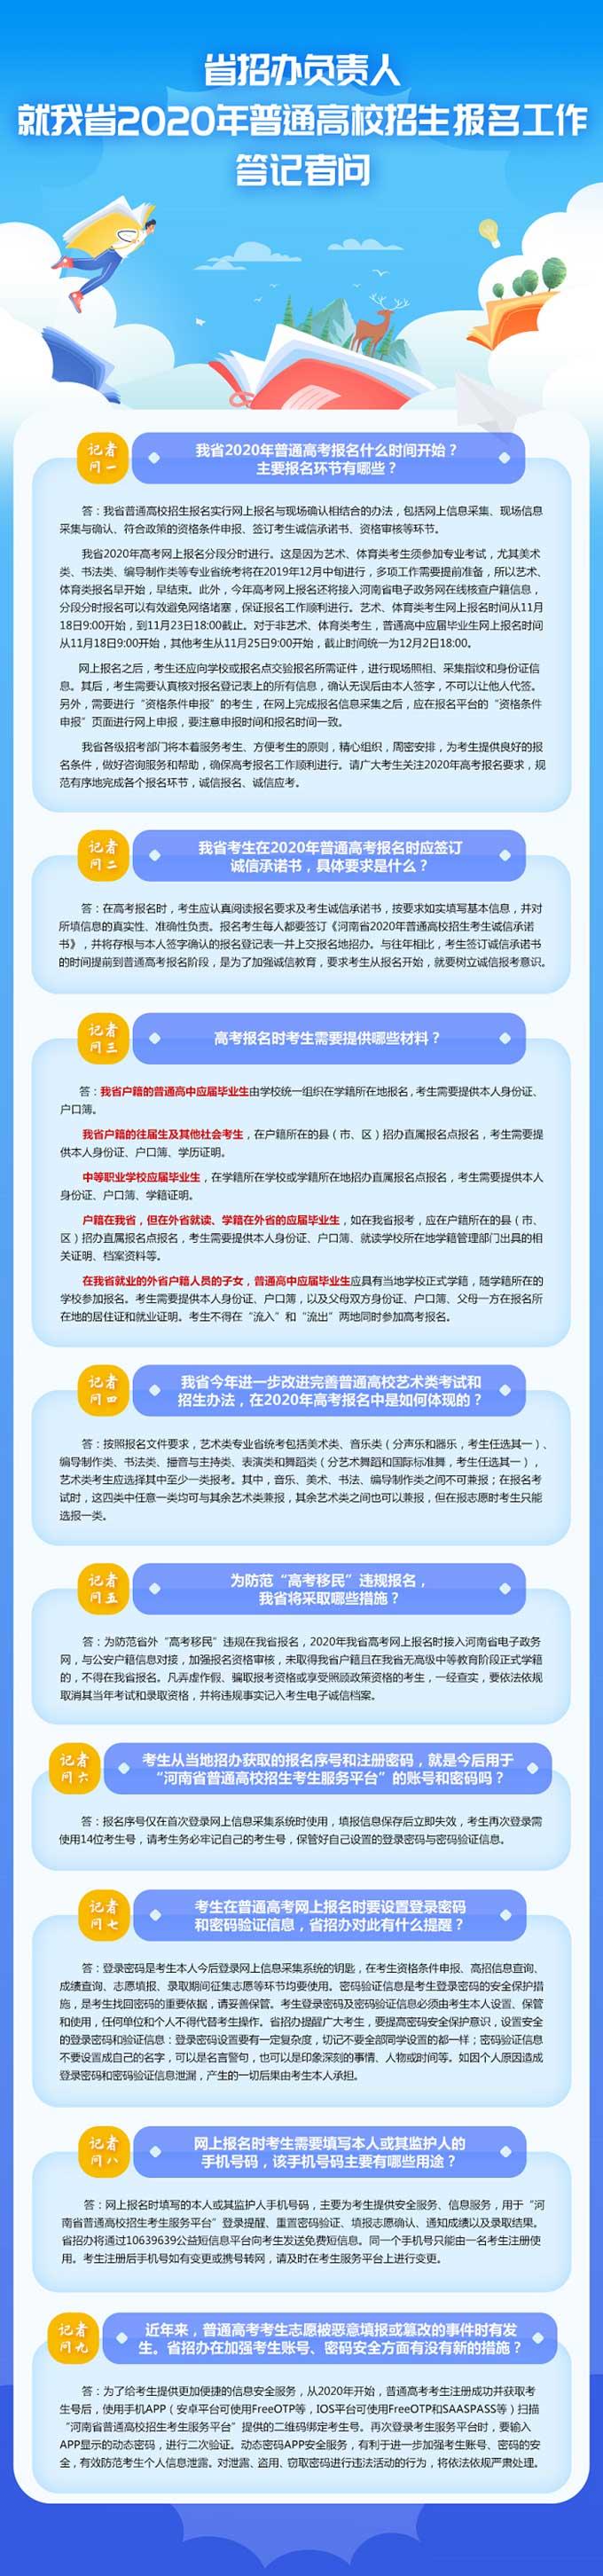 2020年河南普通高校招生报名工作答记者问图解